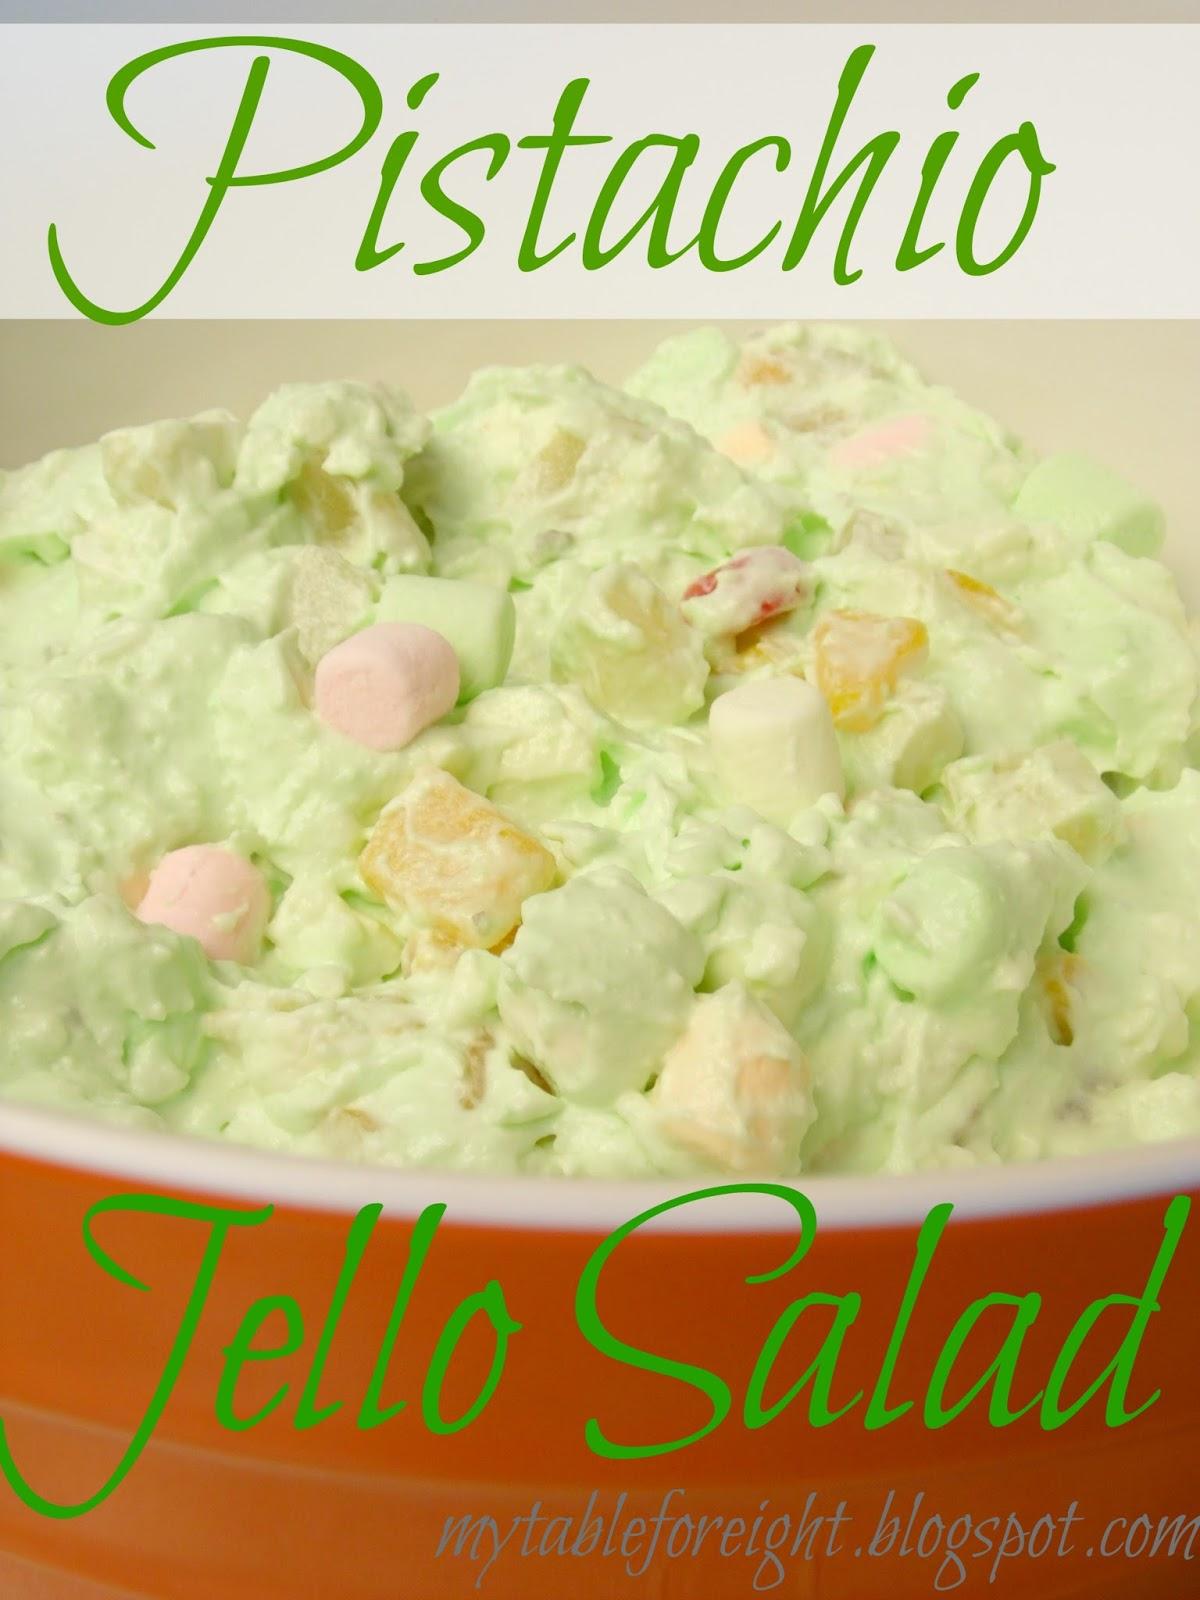 Pistachio Gelatin Salad